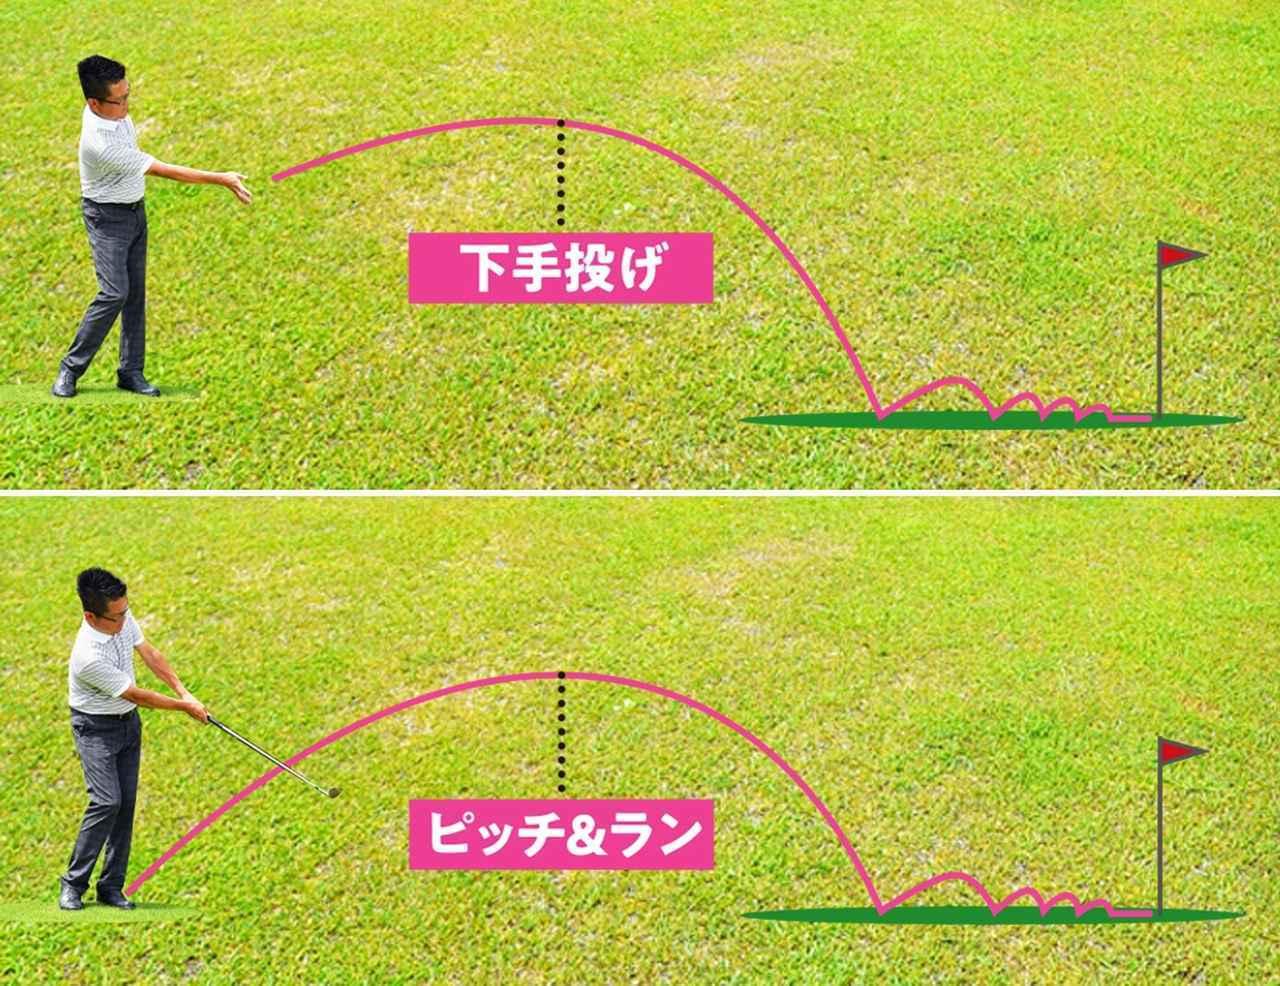 画像2: 絶対距離感をアプローチに生かす